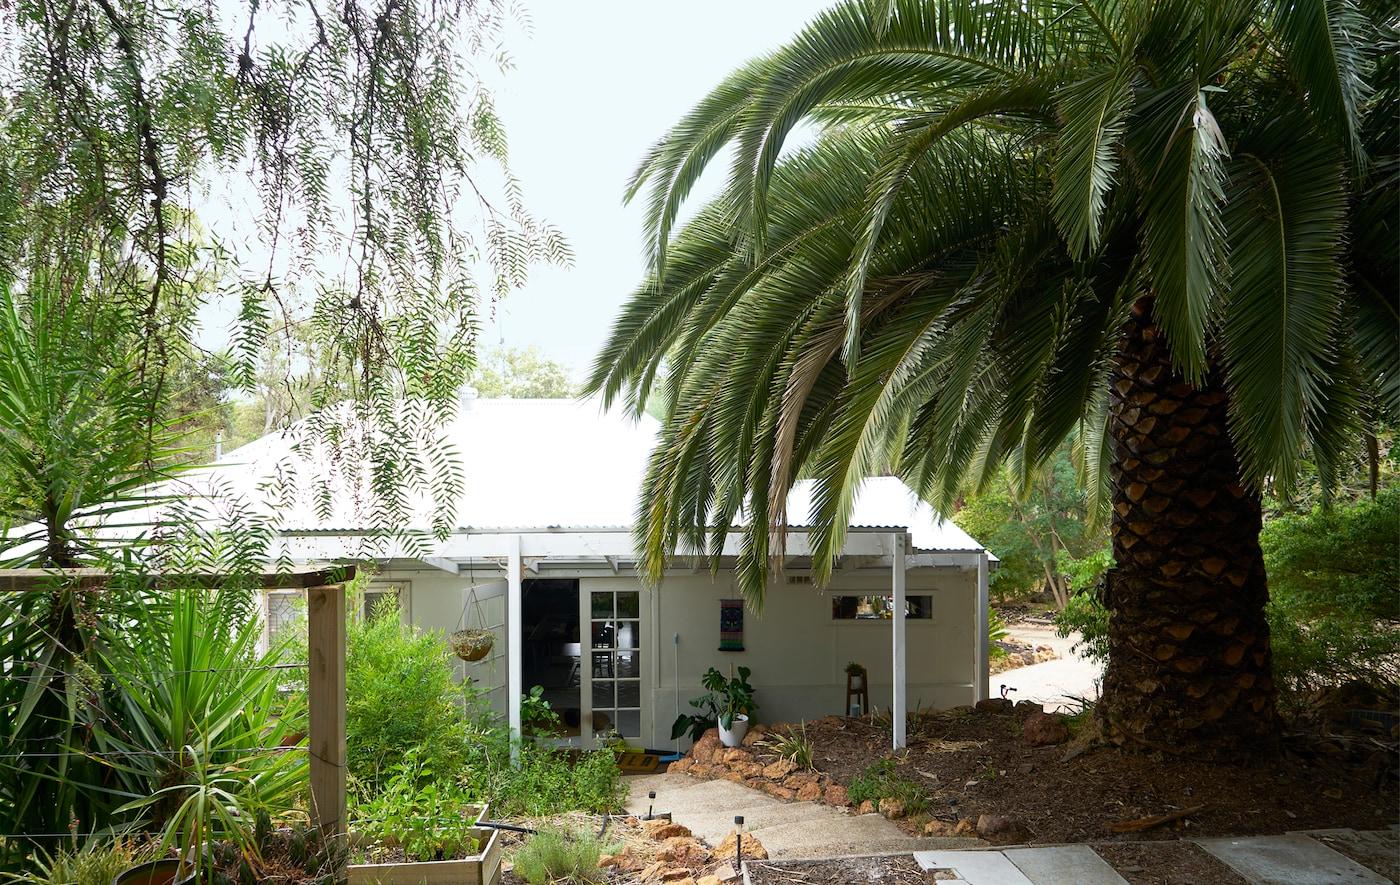 Jednopatrový dům v lese, velká palma poblíž